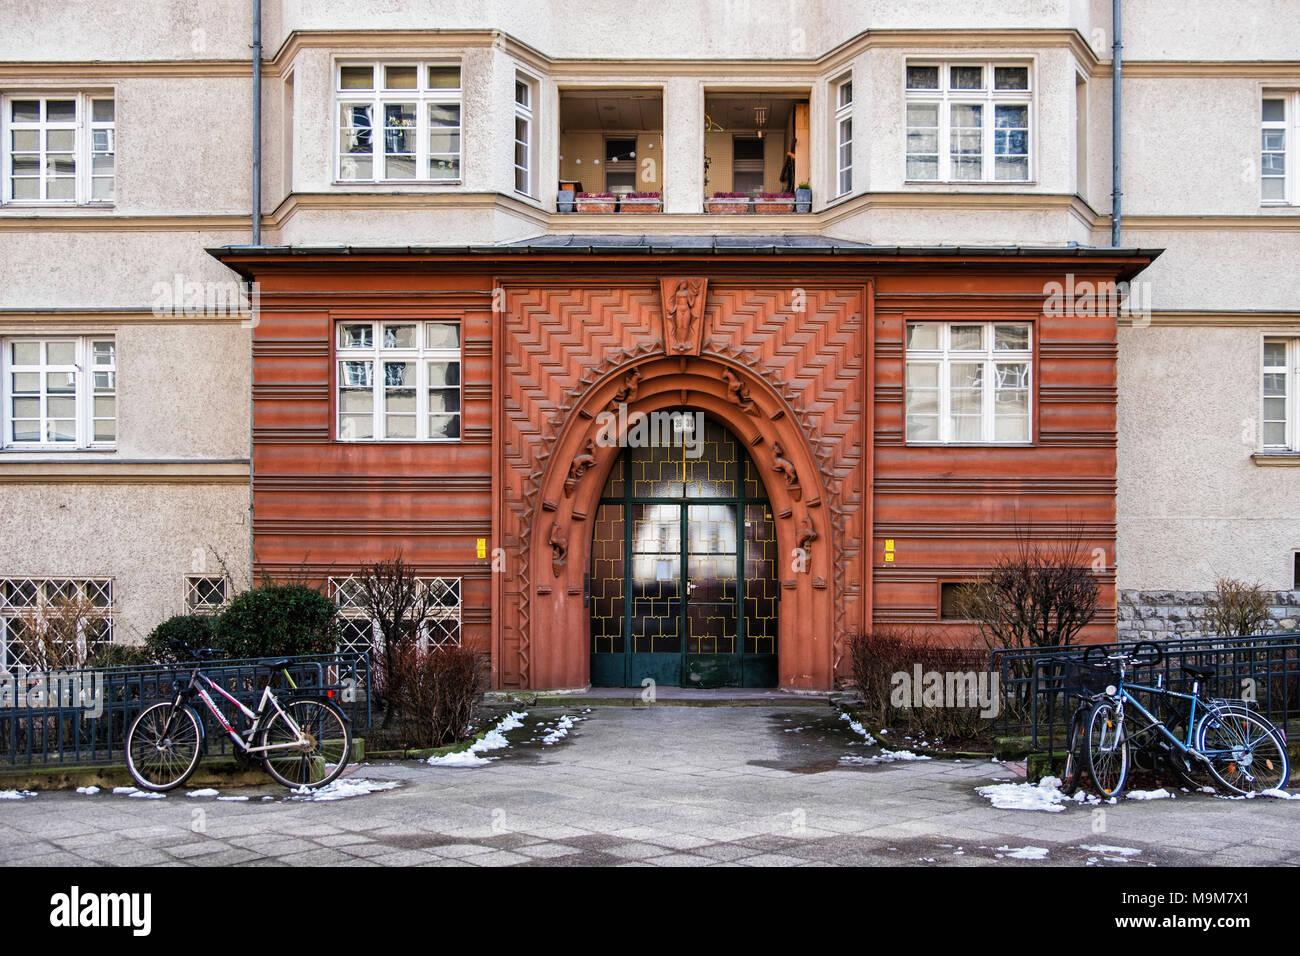 Berlin-Schöneberg. Ceciliengärten housing estate built 1922 -1927. Historic listed Building entrance & door show Art Deco & Art Nouveau influence - Stock Image